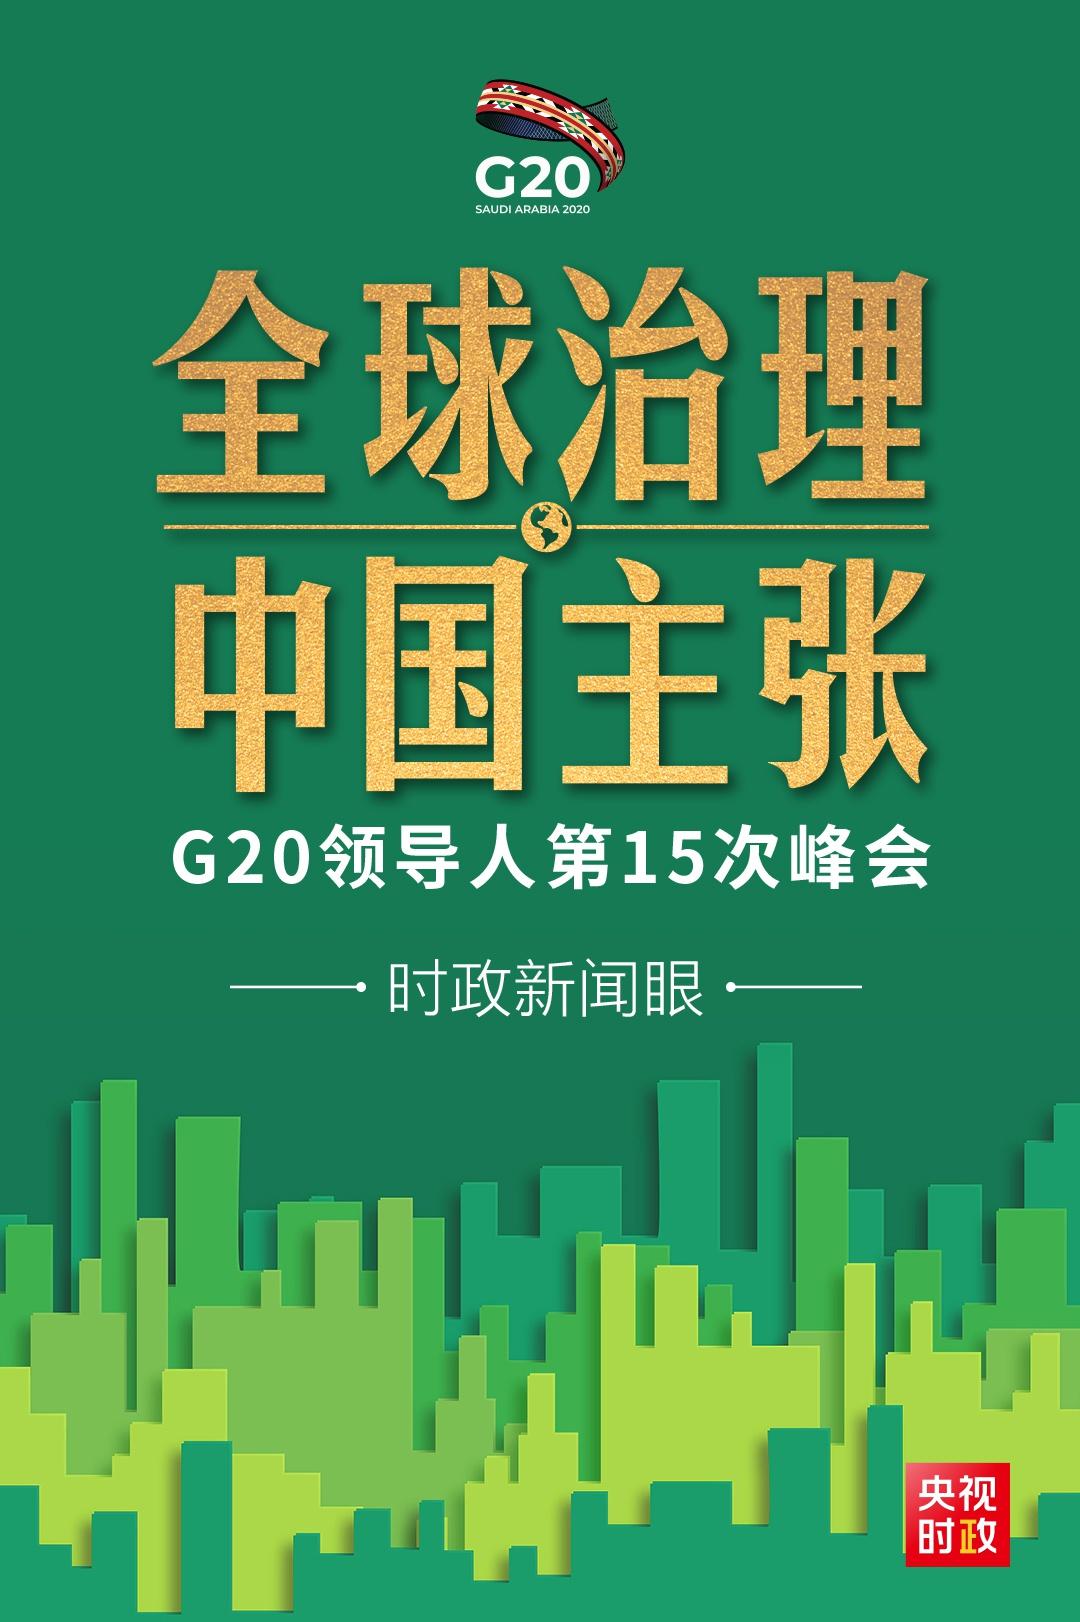 G20如何引领全球治理 习近平提中国主张图片